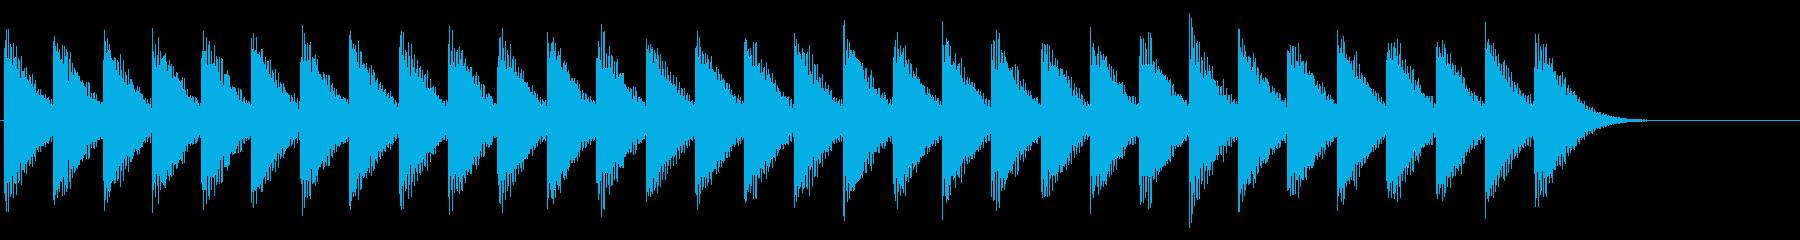 踏切/カンカン/電車の再生済みの波形